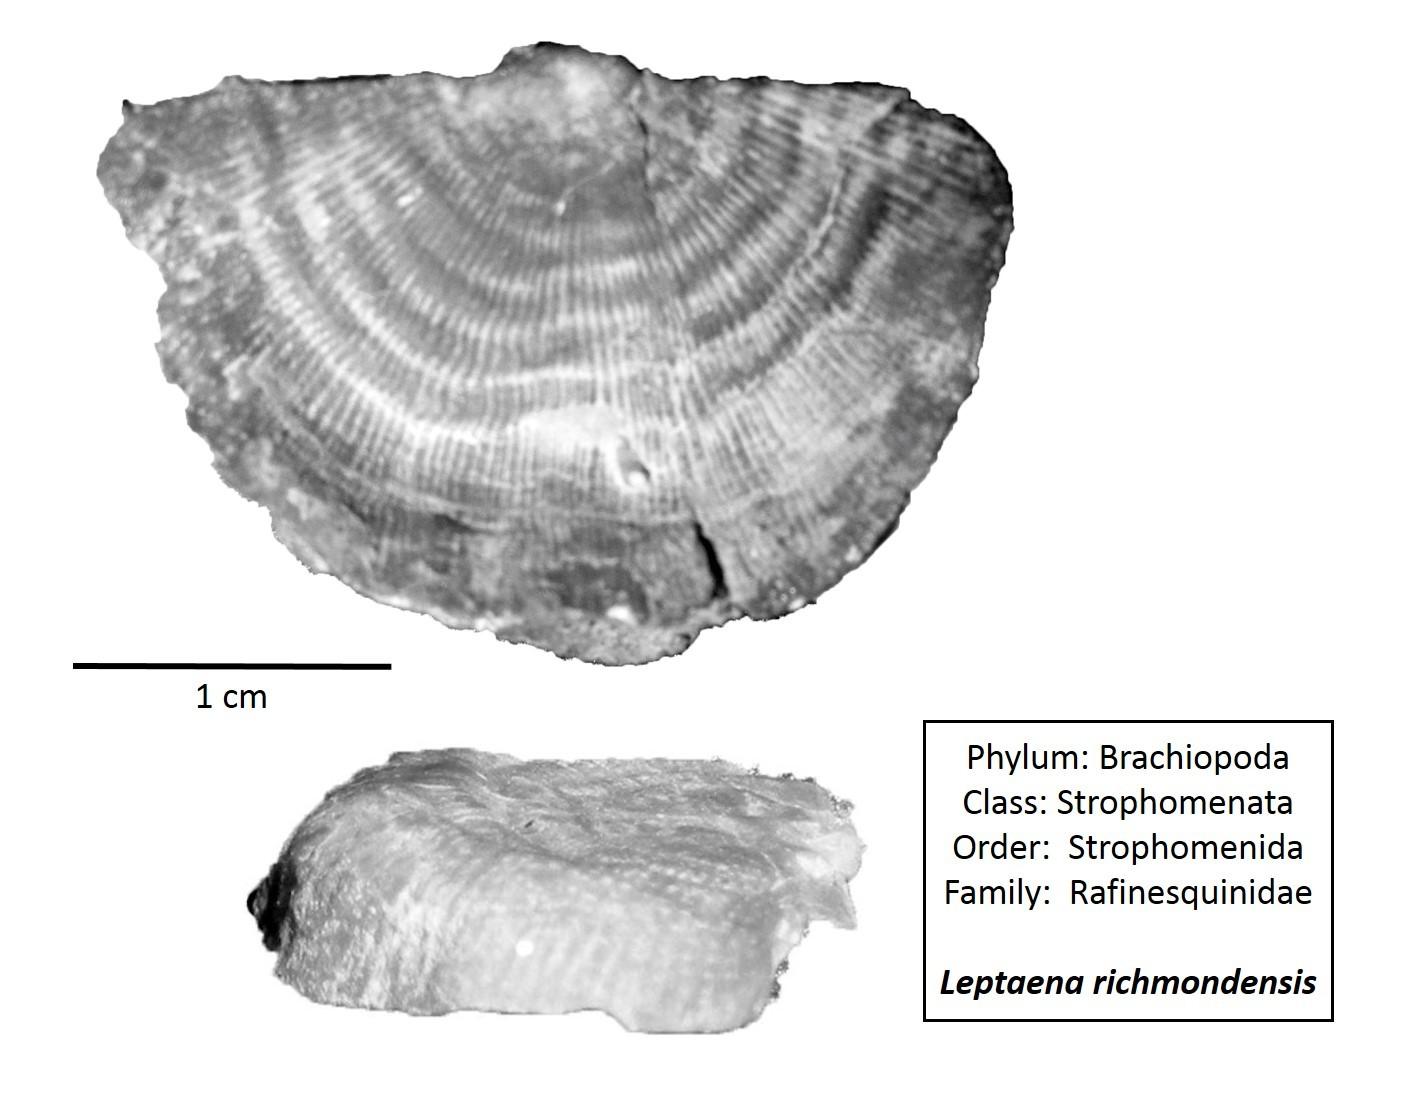 Leptaena richmondensis